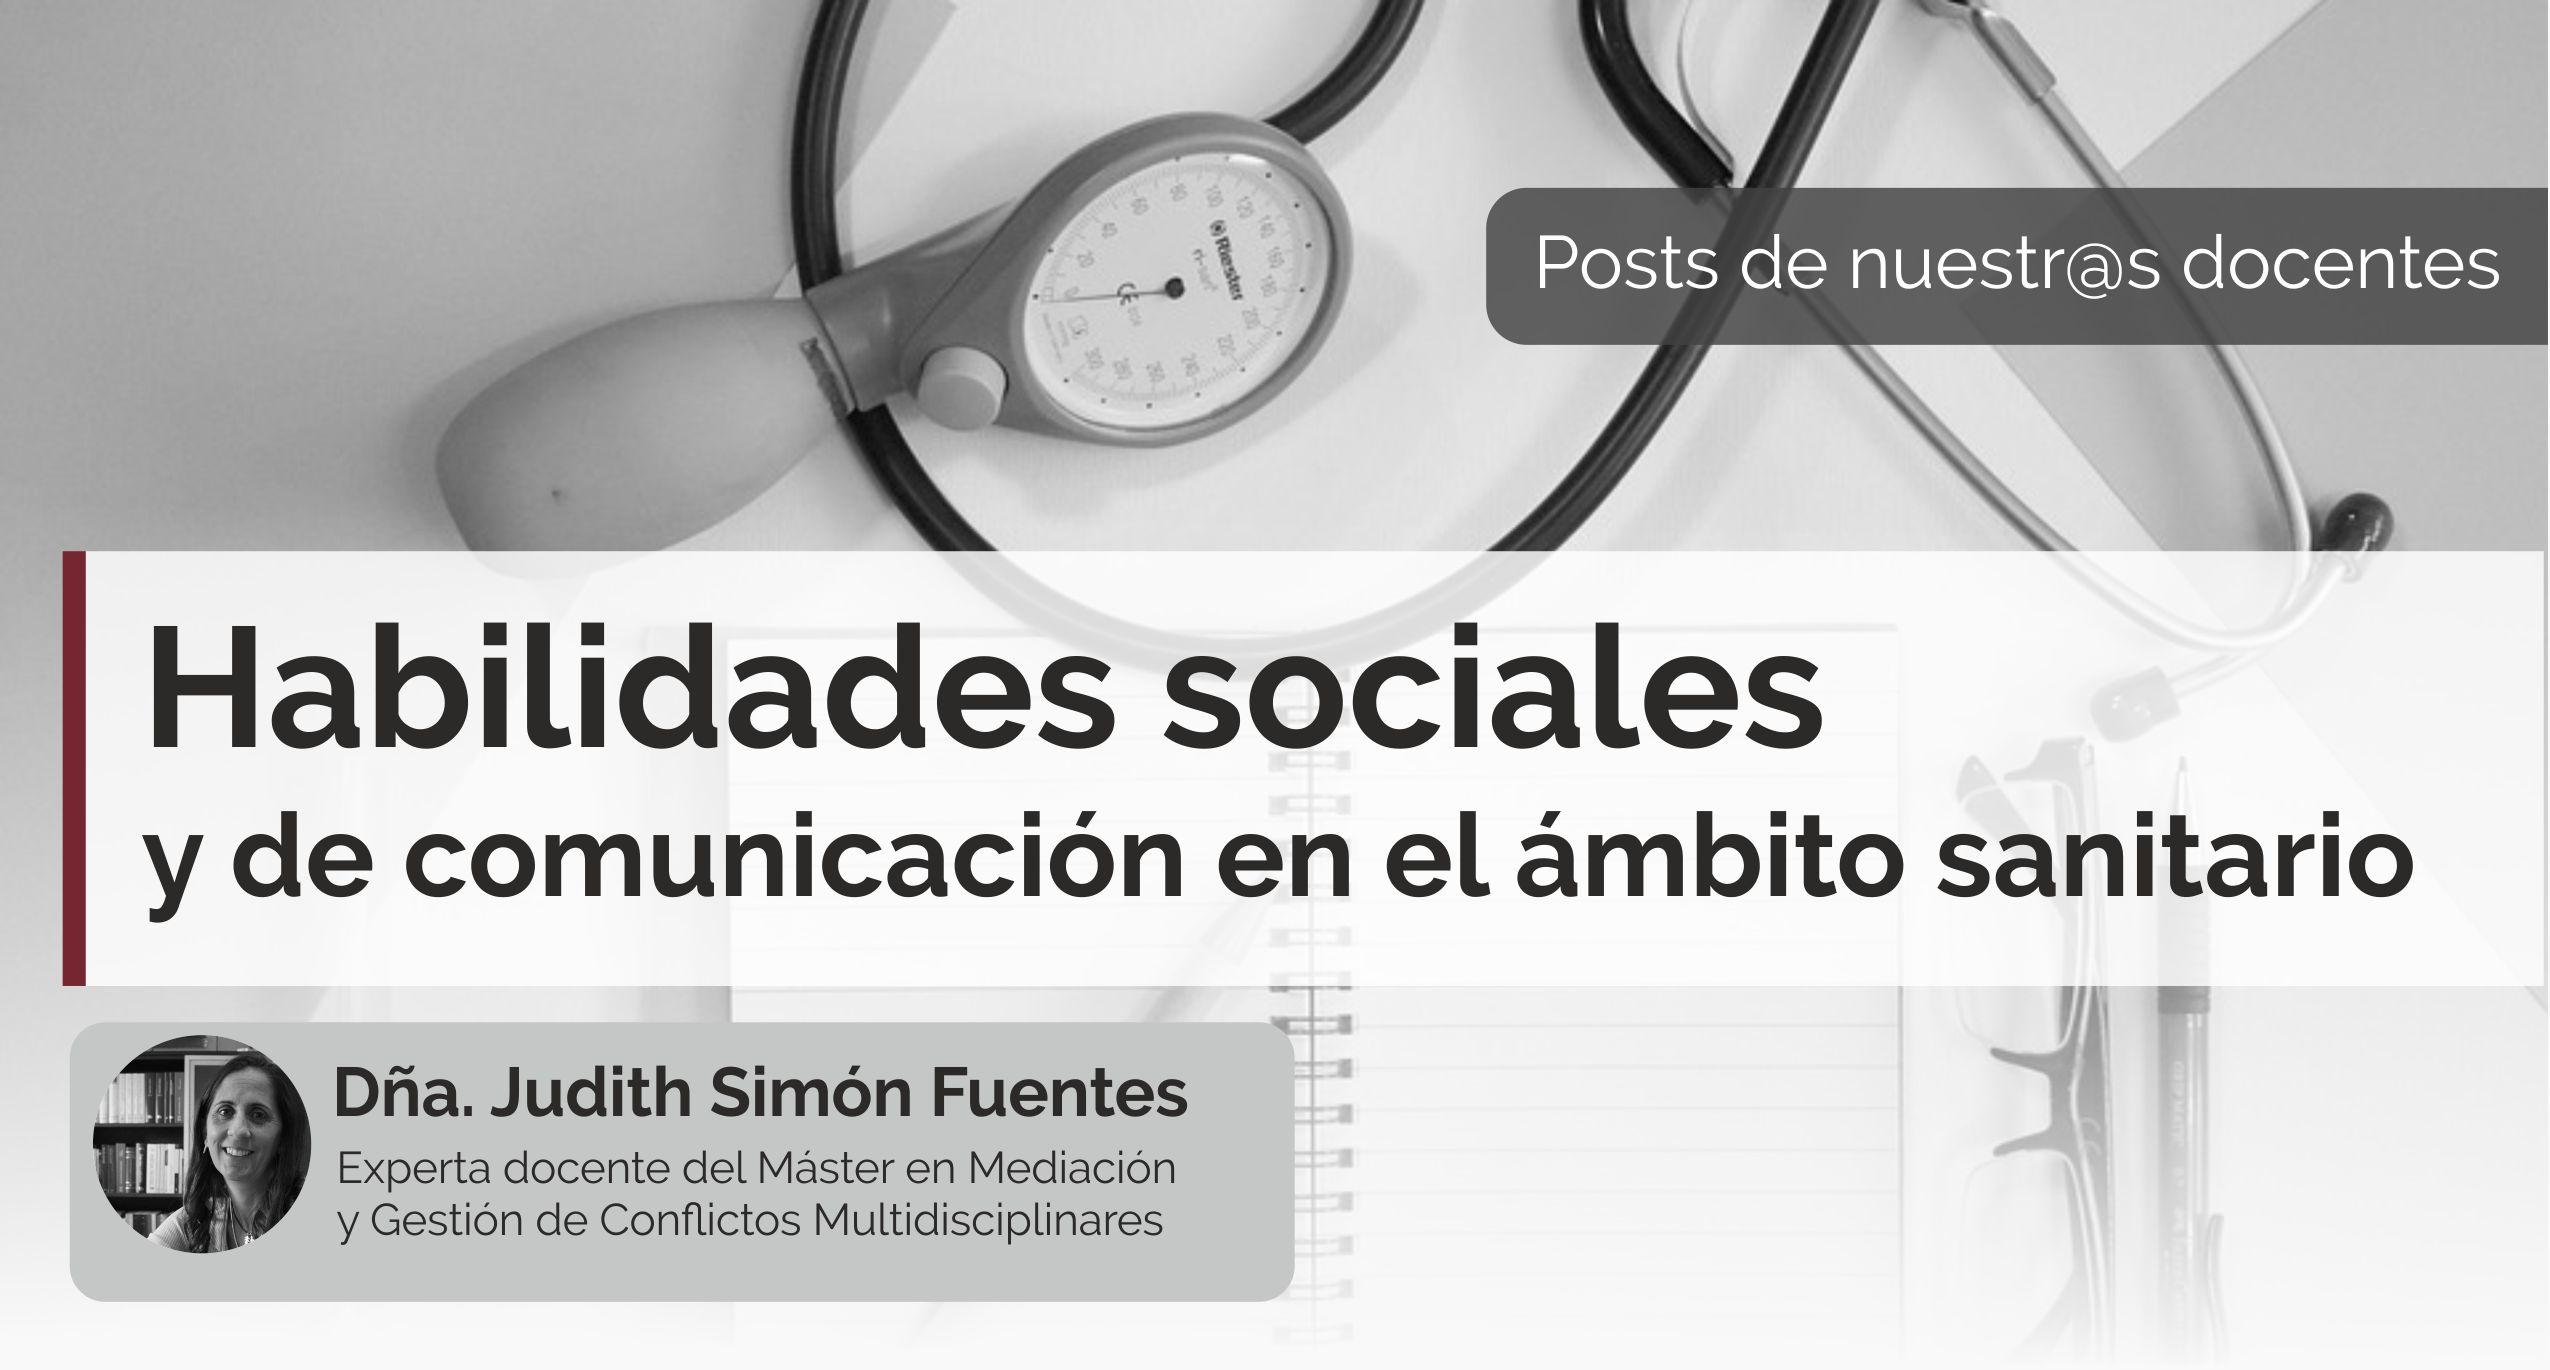 Habilidades sociales y de comunicación en el ámbito sanitario